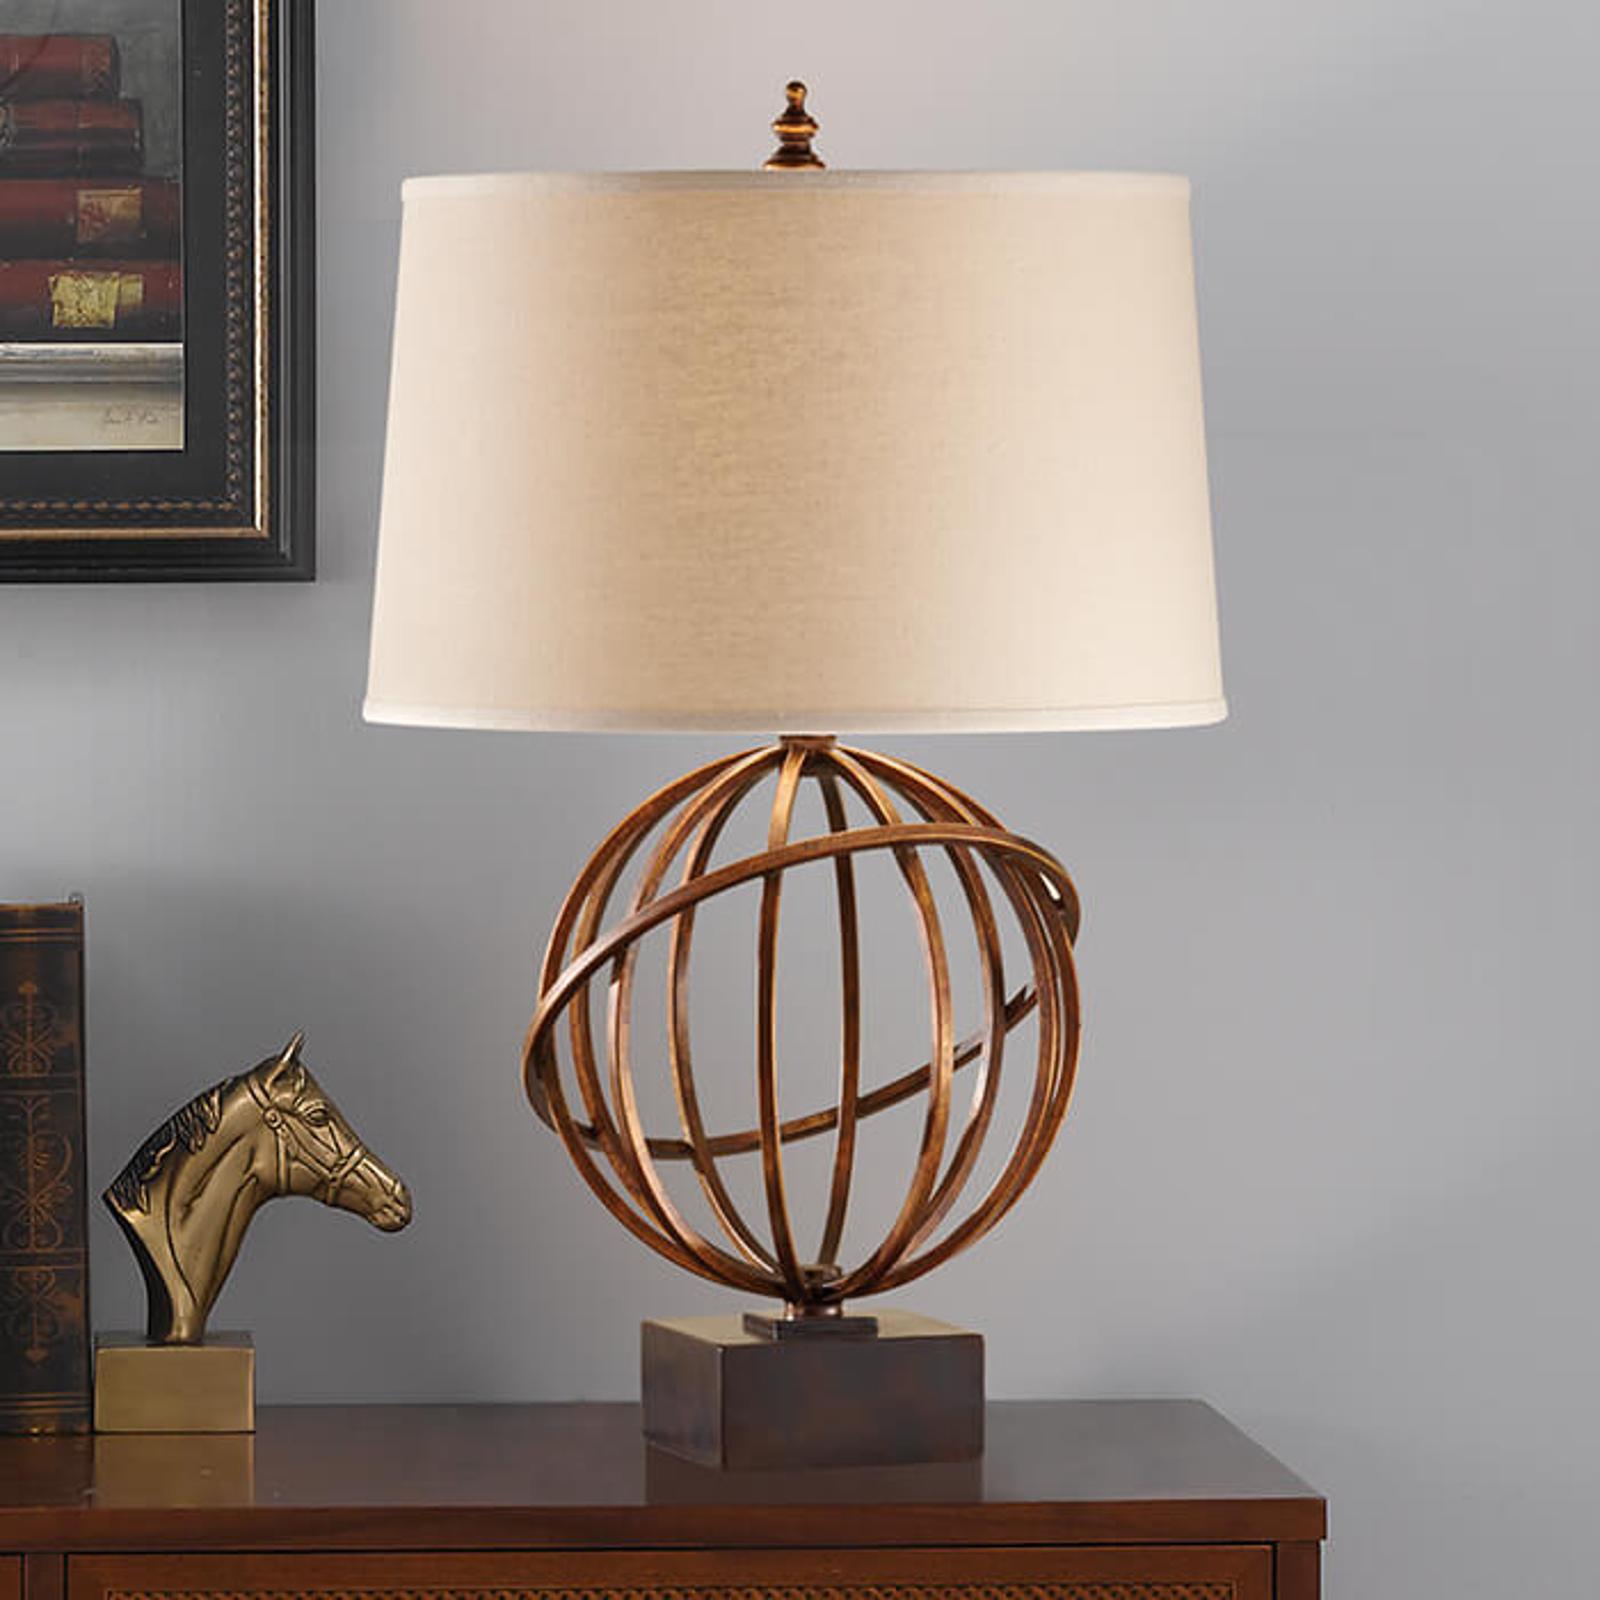 Dizajnérska textilná stolná lampa Spencer_3048359_1